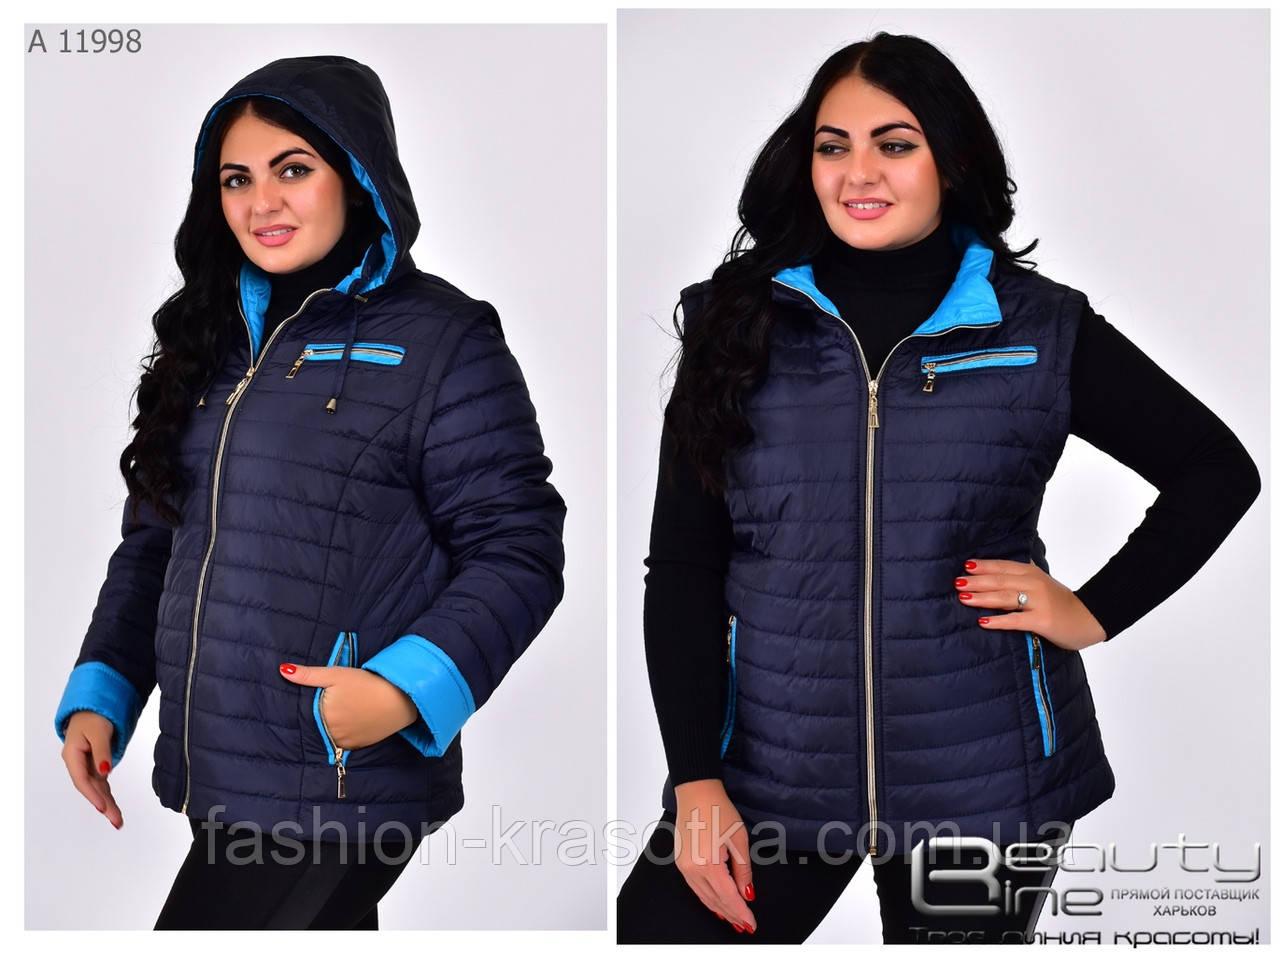 Женская демисезонная куртка трансформер